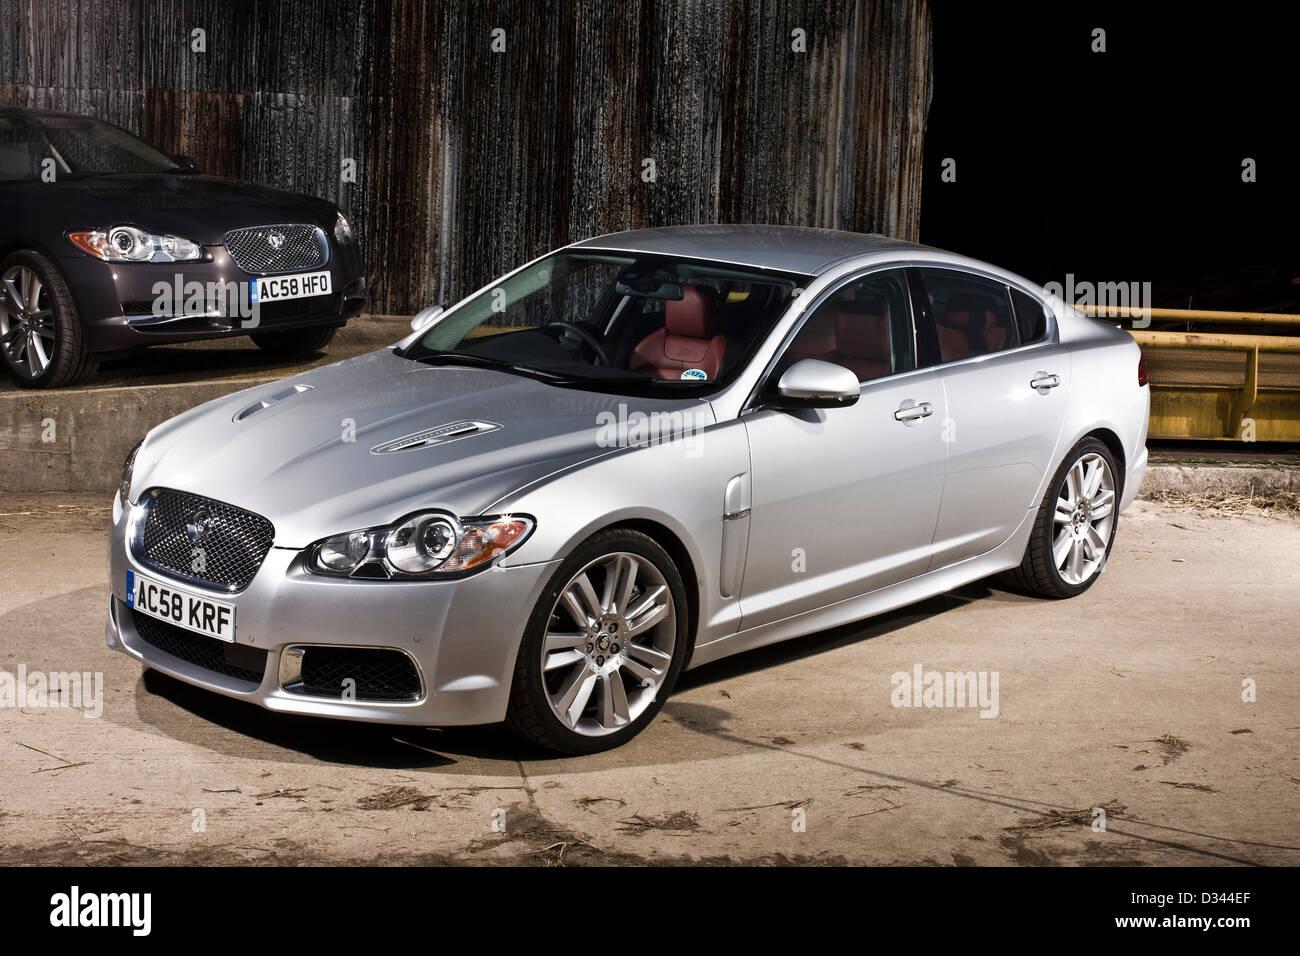 parts better on photos sale technical ltd details history photo xjr xfr for jaguar s